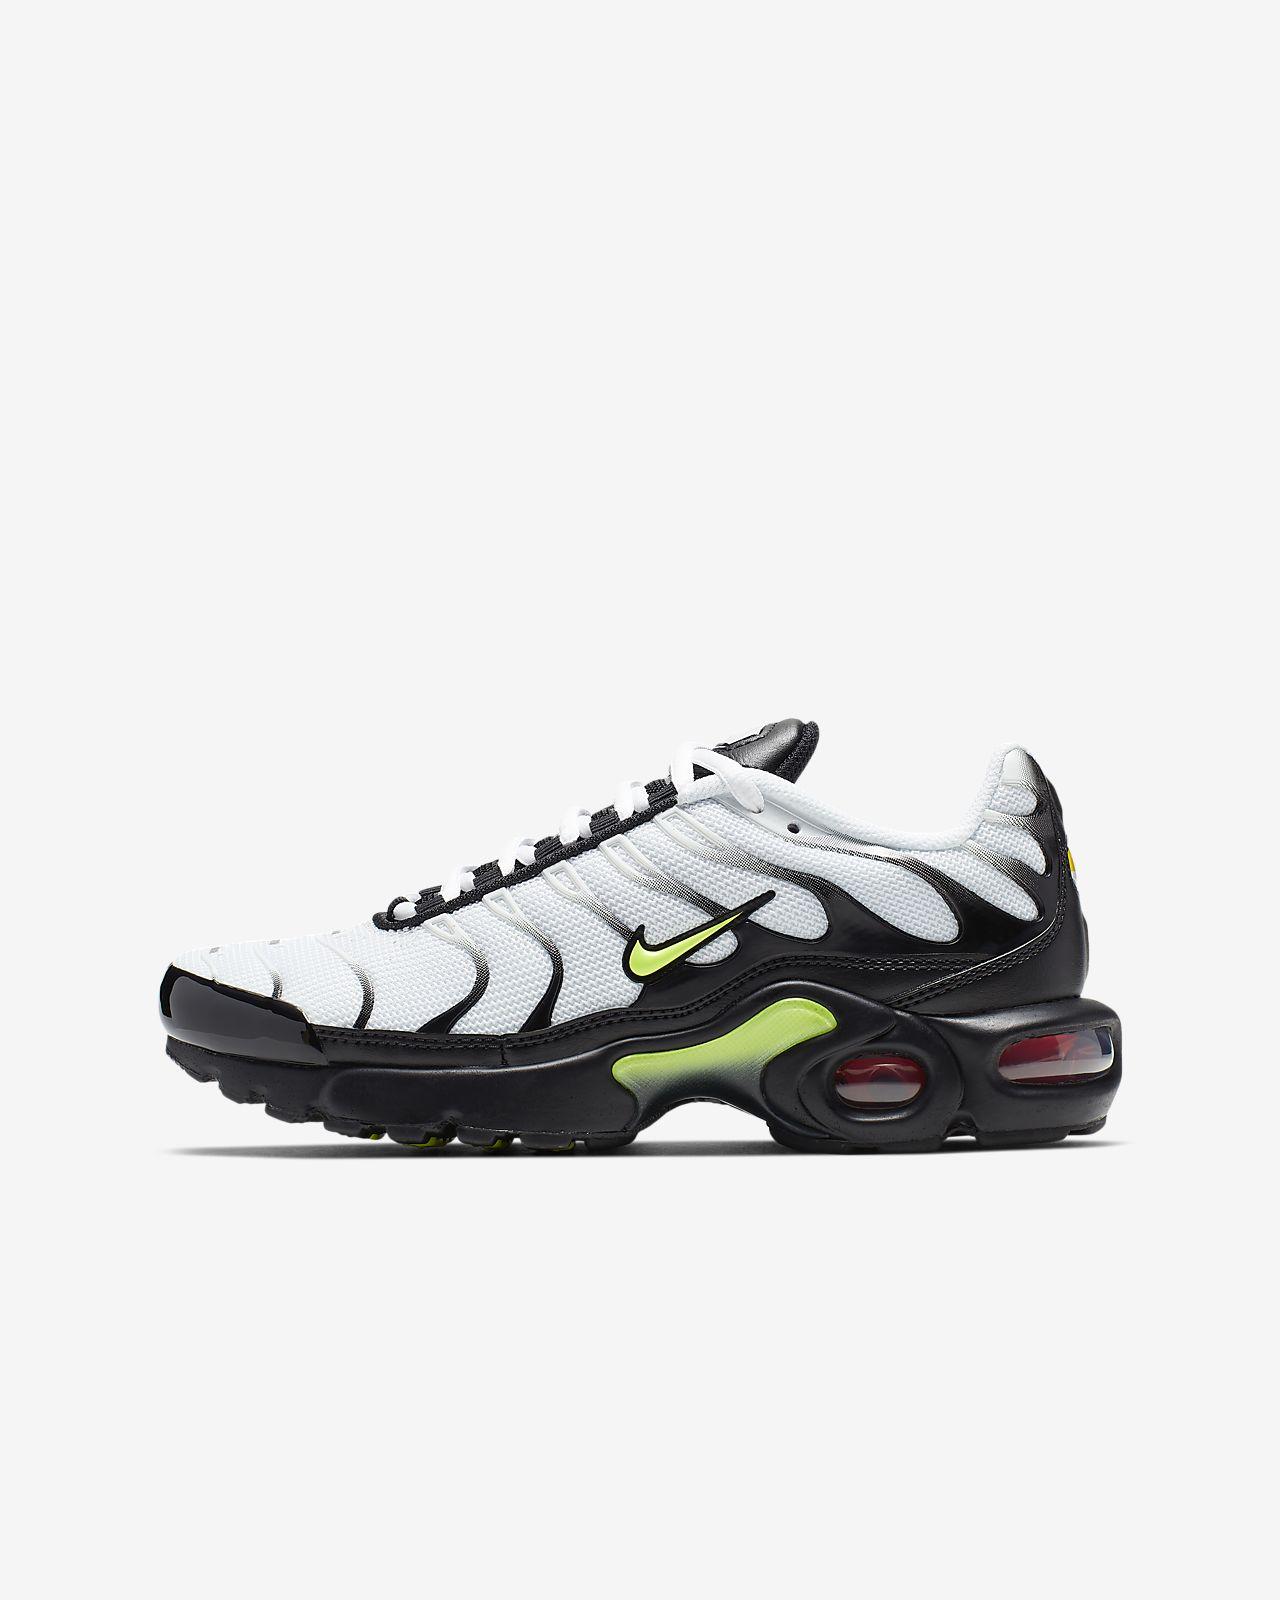 official photos b3331 6c24f ... Nike Air Max Plus RF Schuh für ältere Kinder